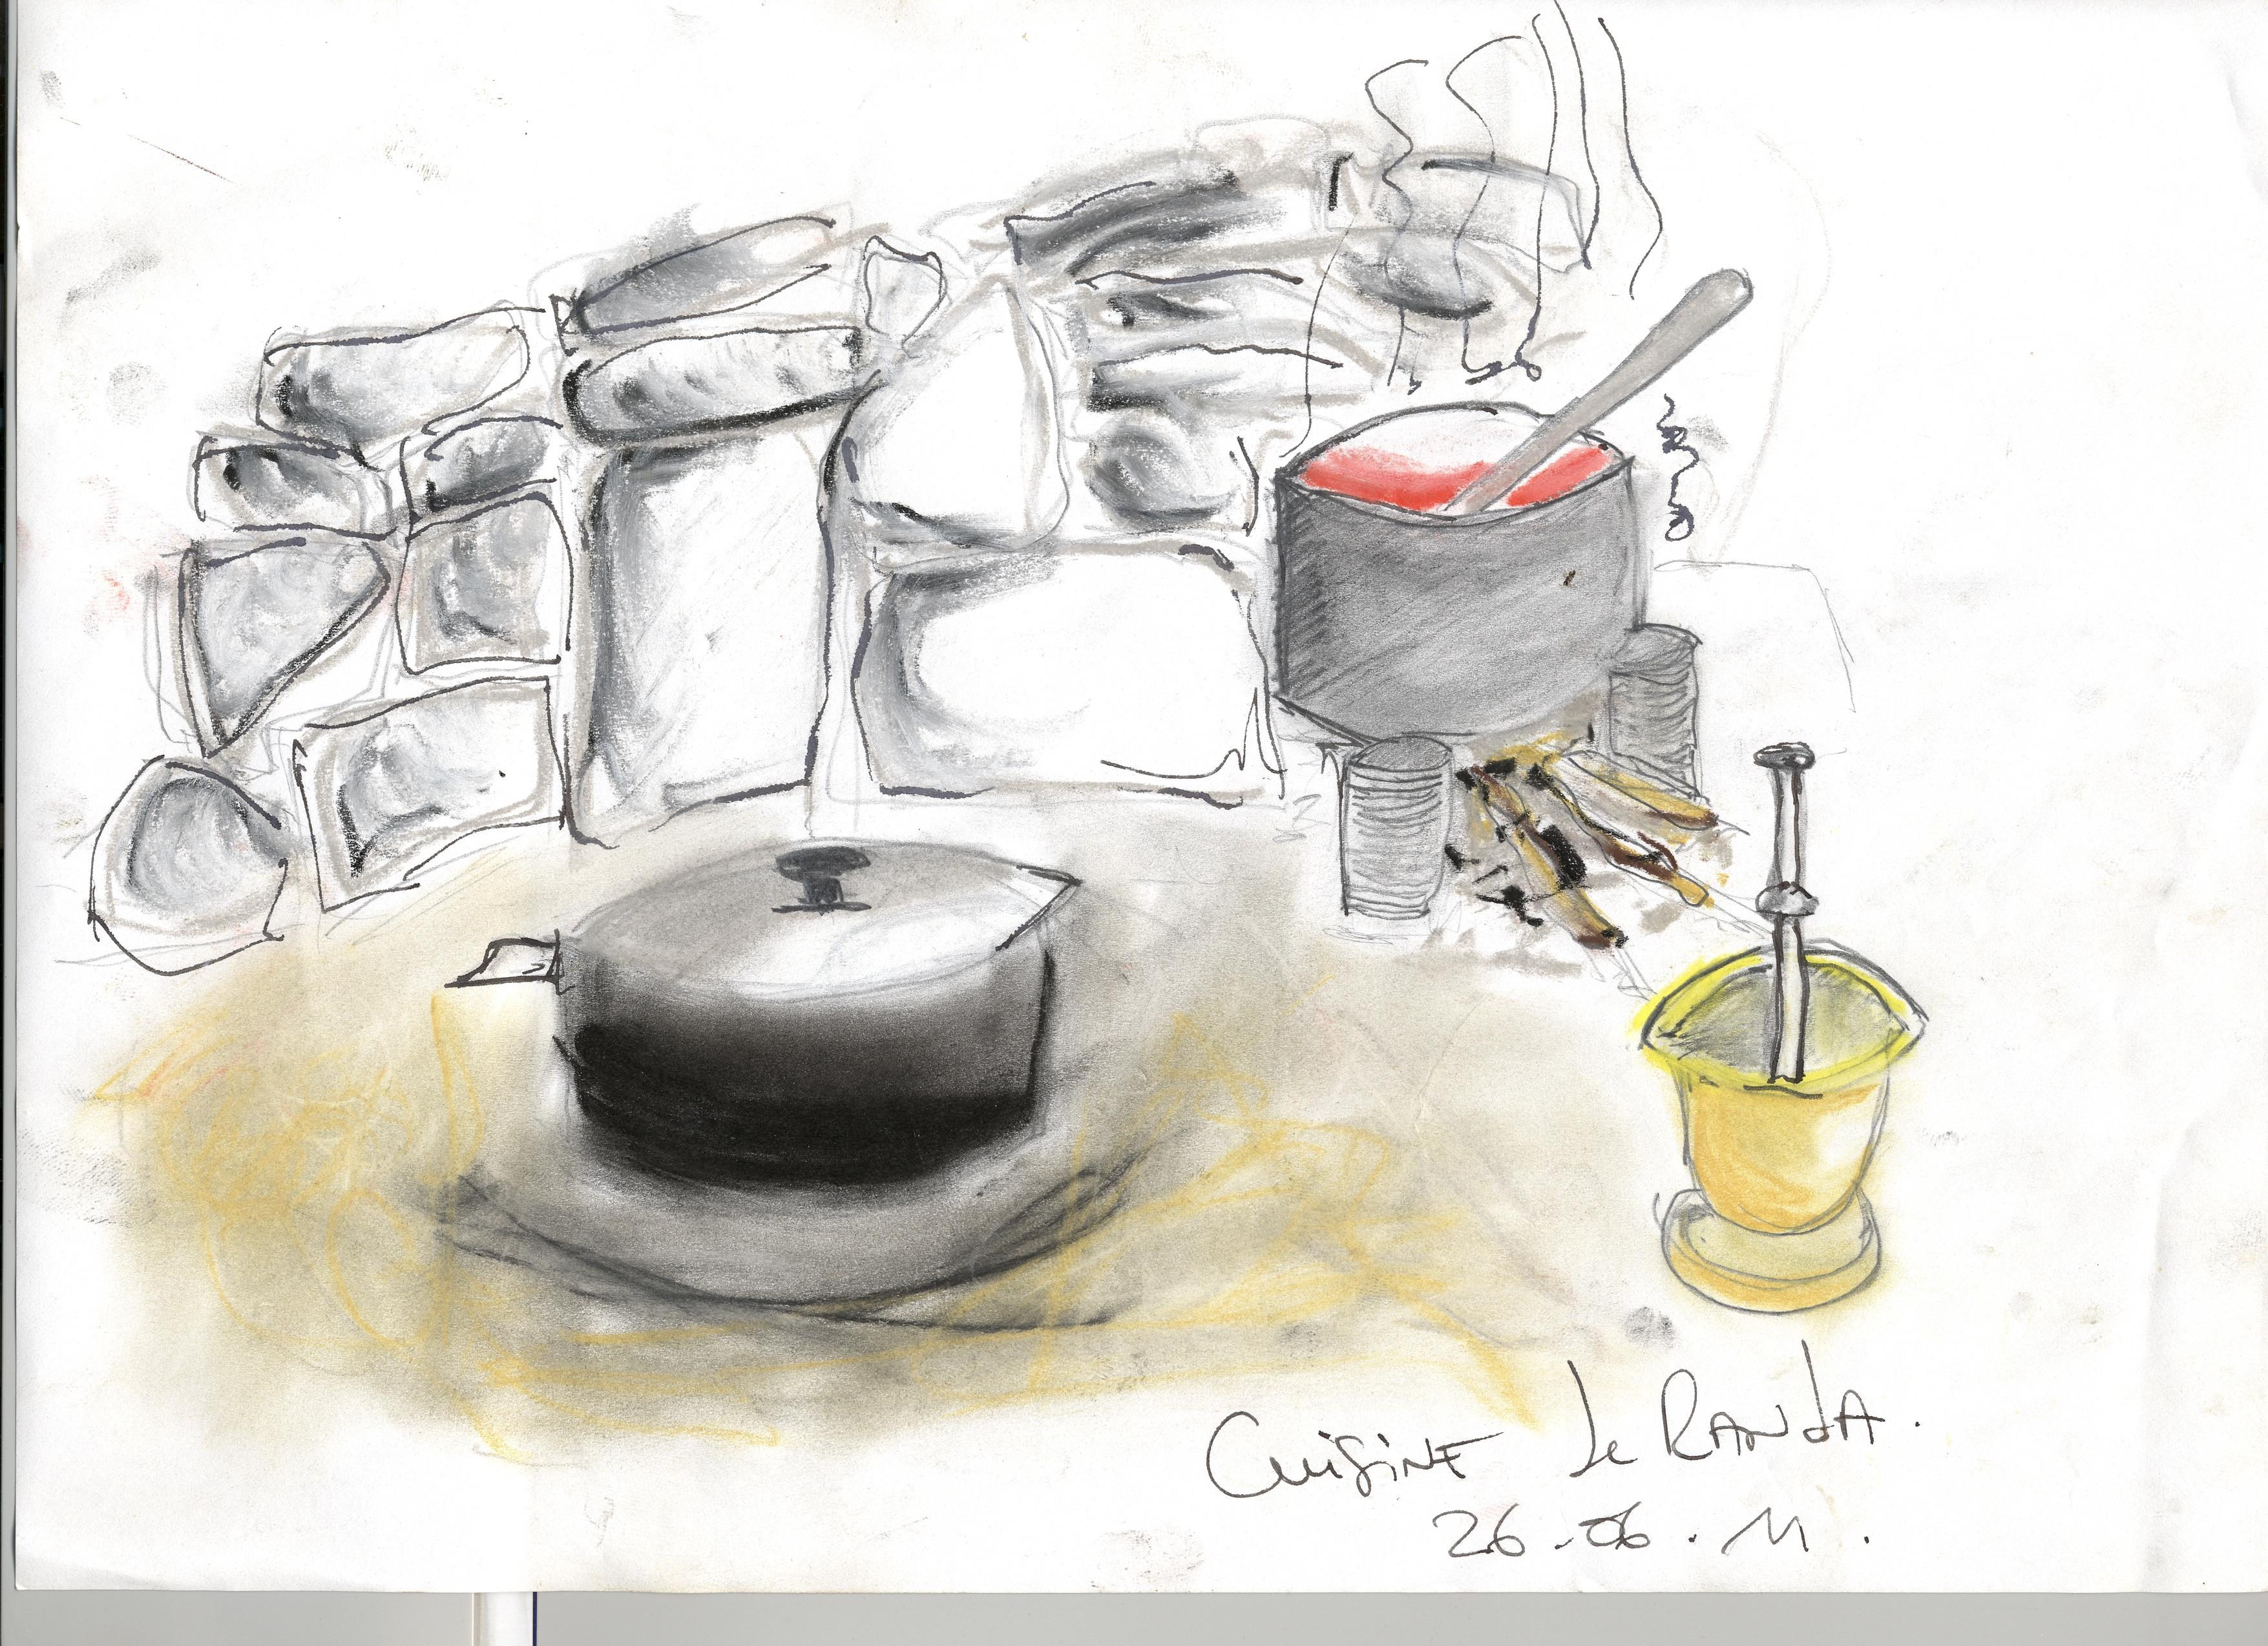 cuisinederanda.jpg